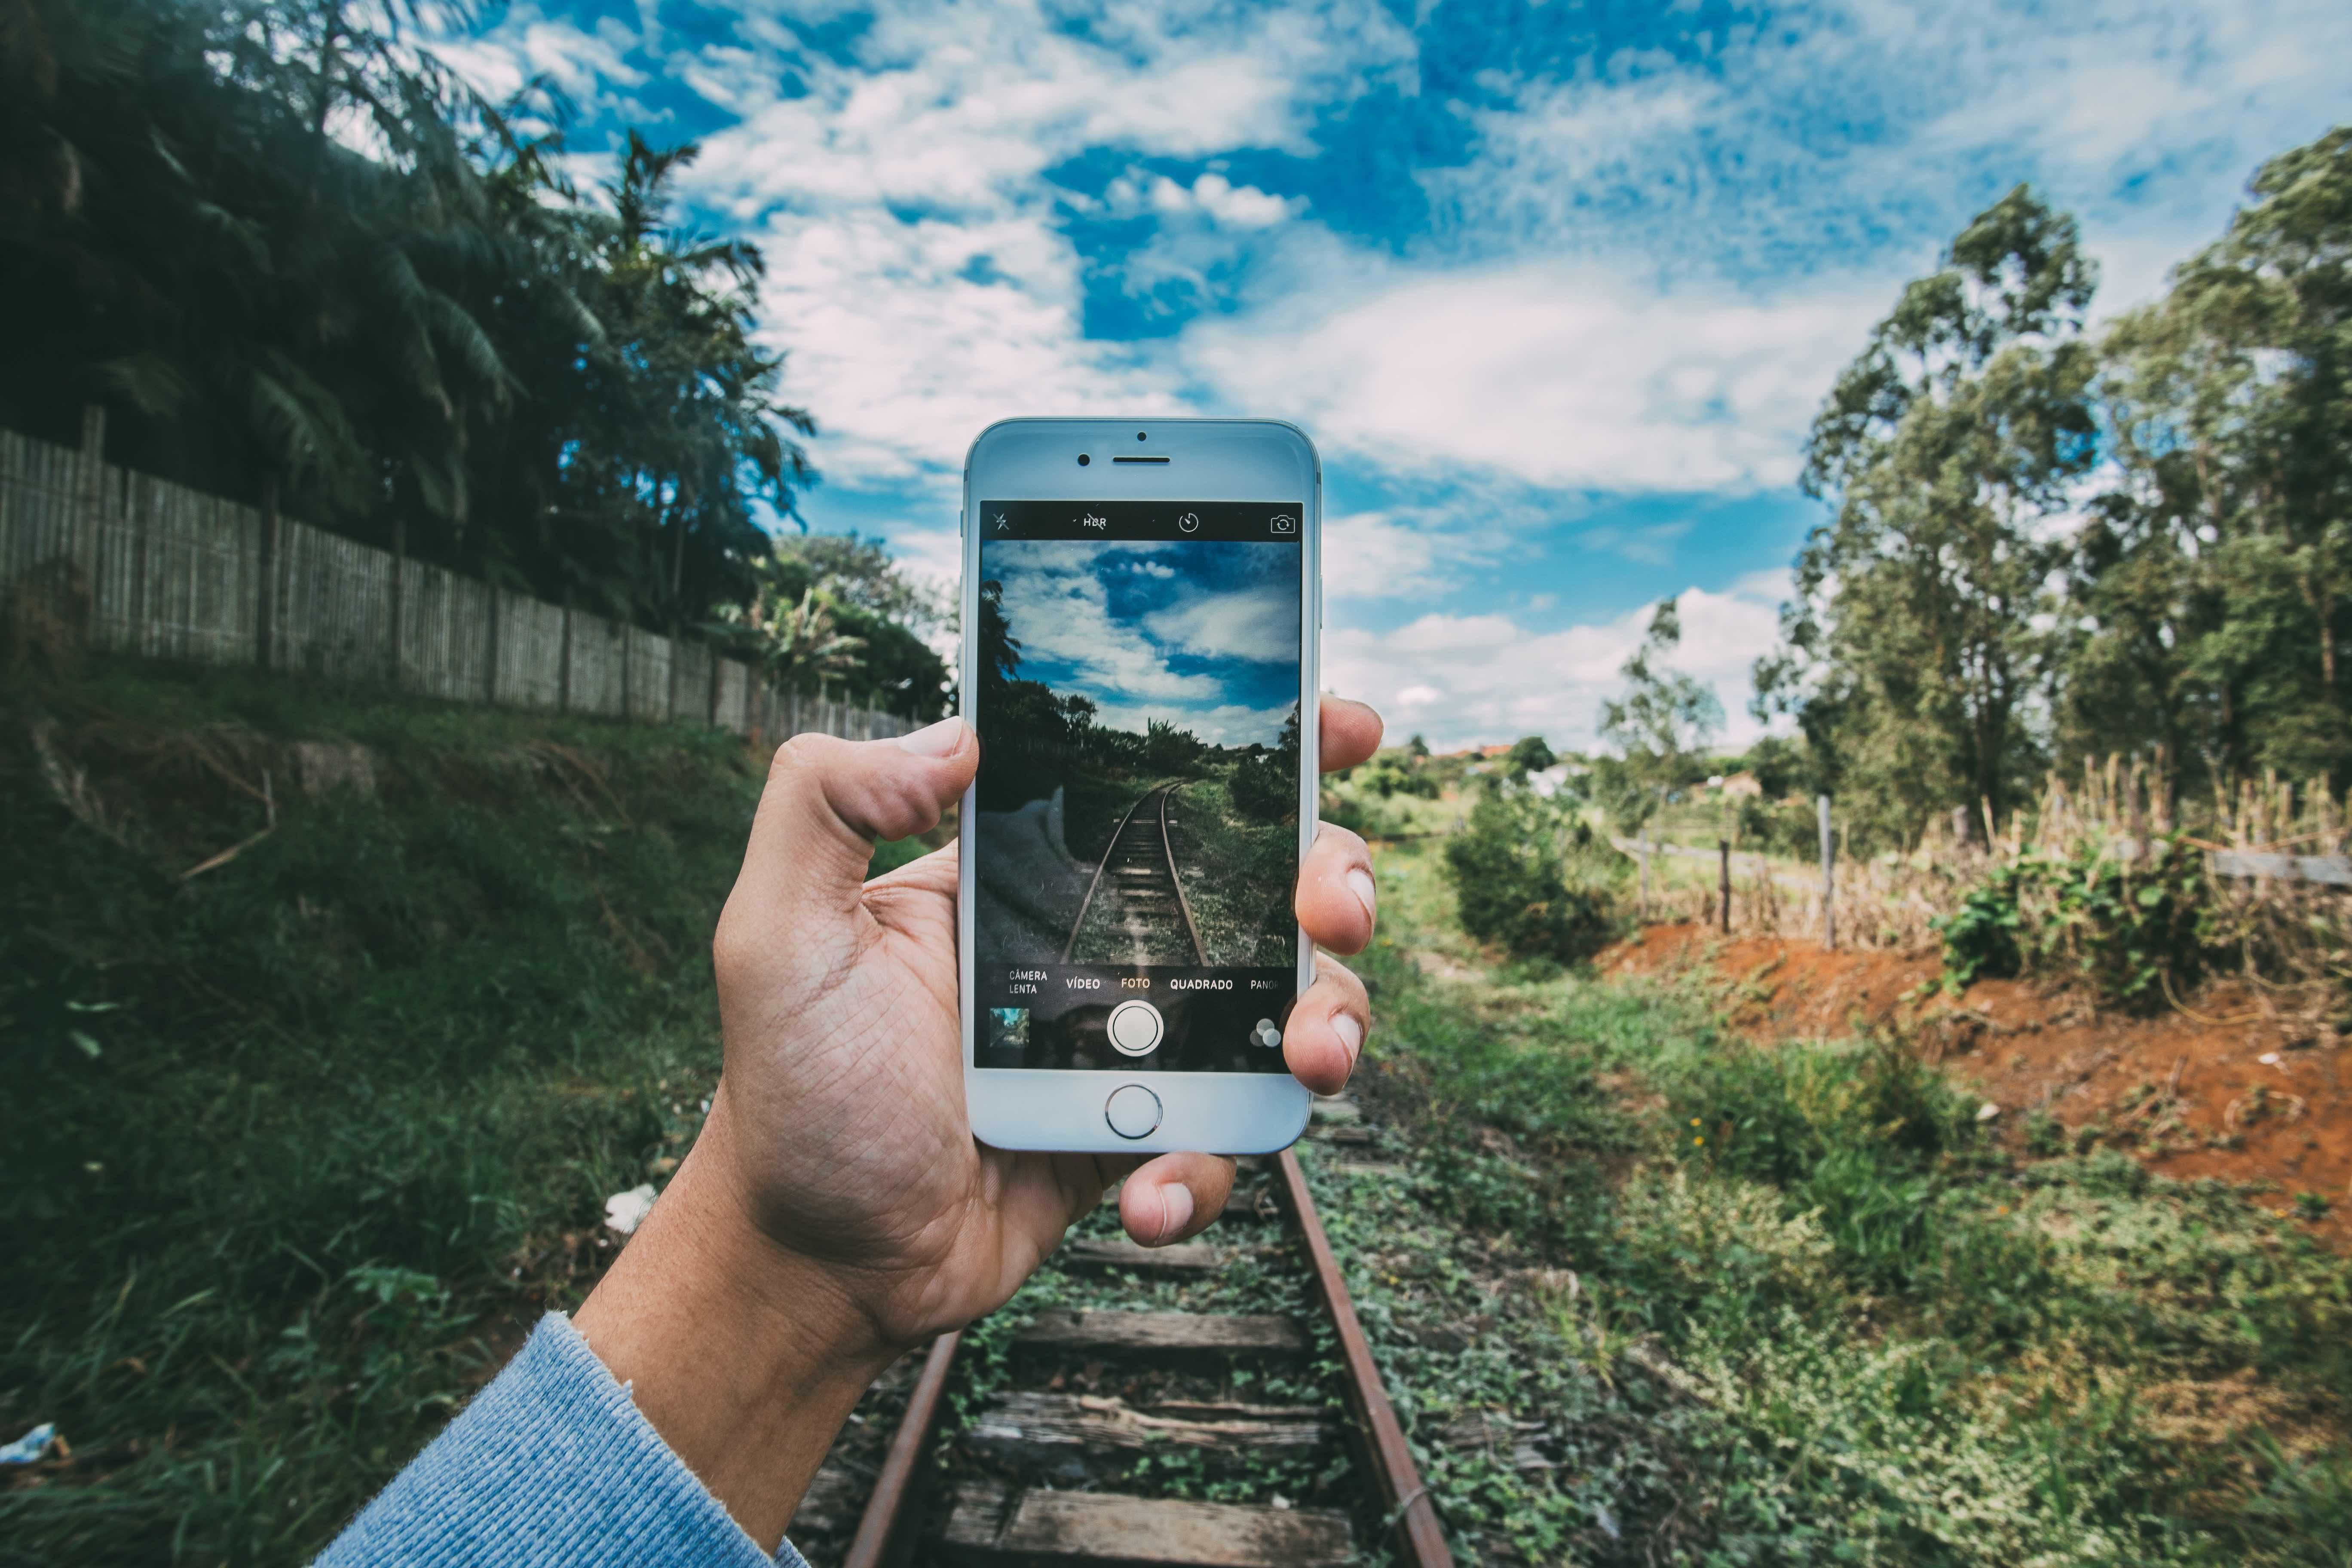 Bí quyết để chụp ảnh đẹp hơn trên điện thoại